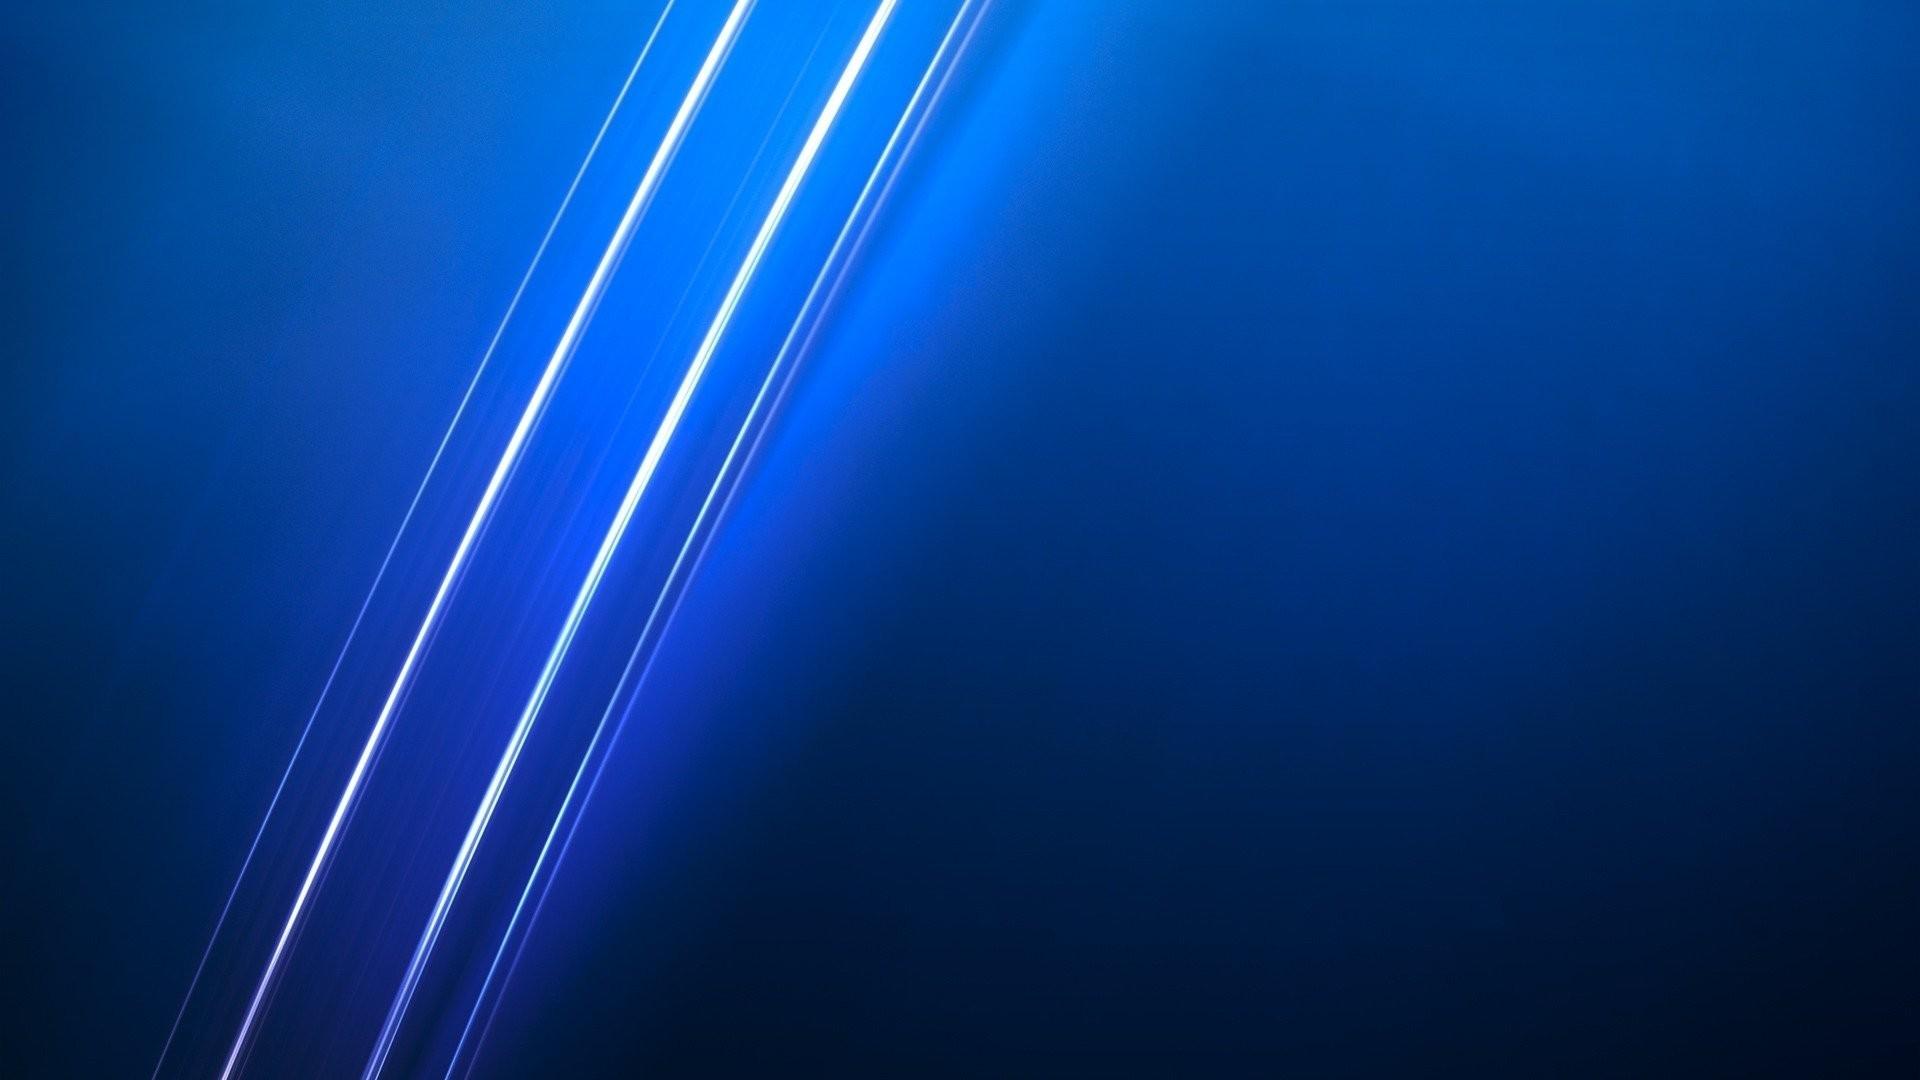 Dark Blue HD Download